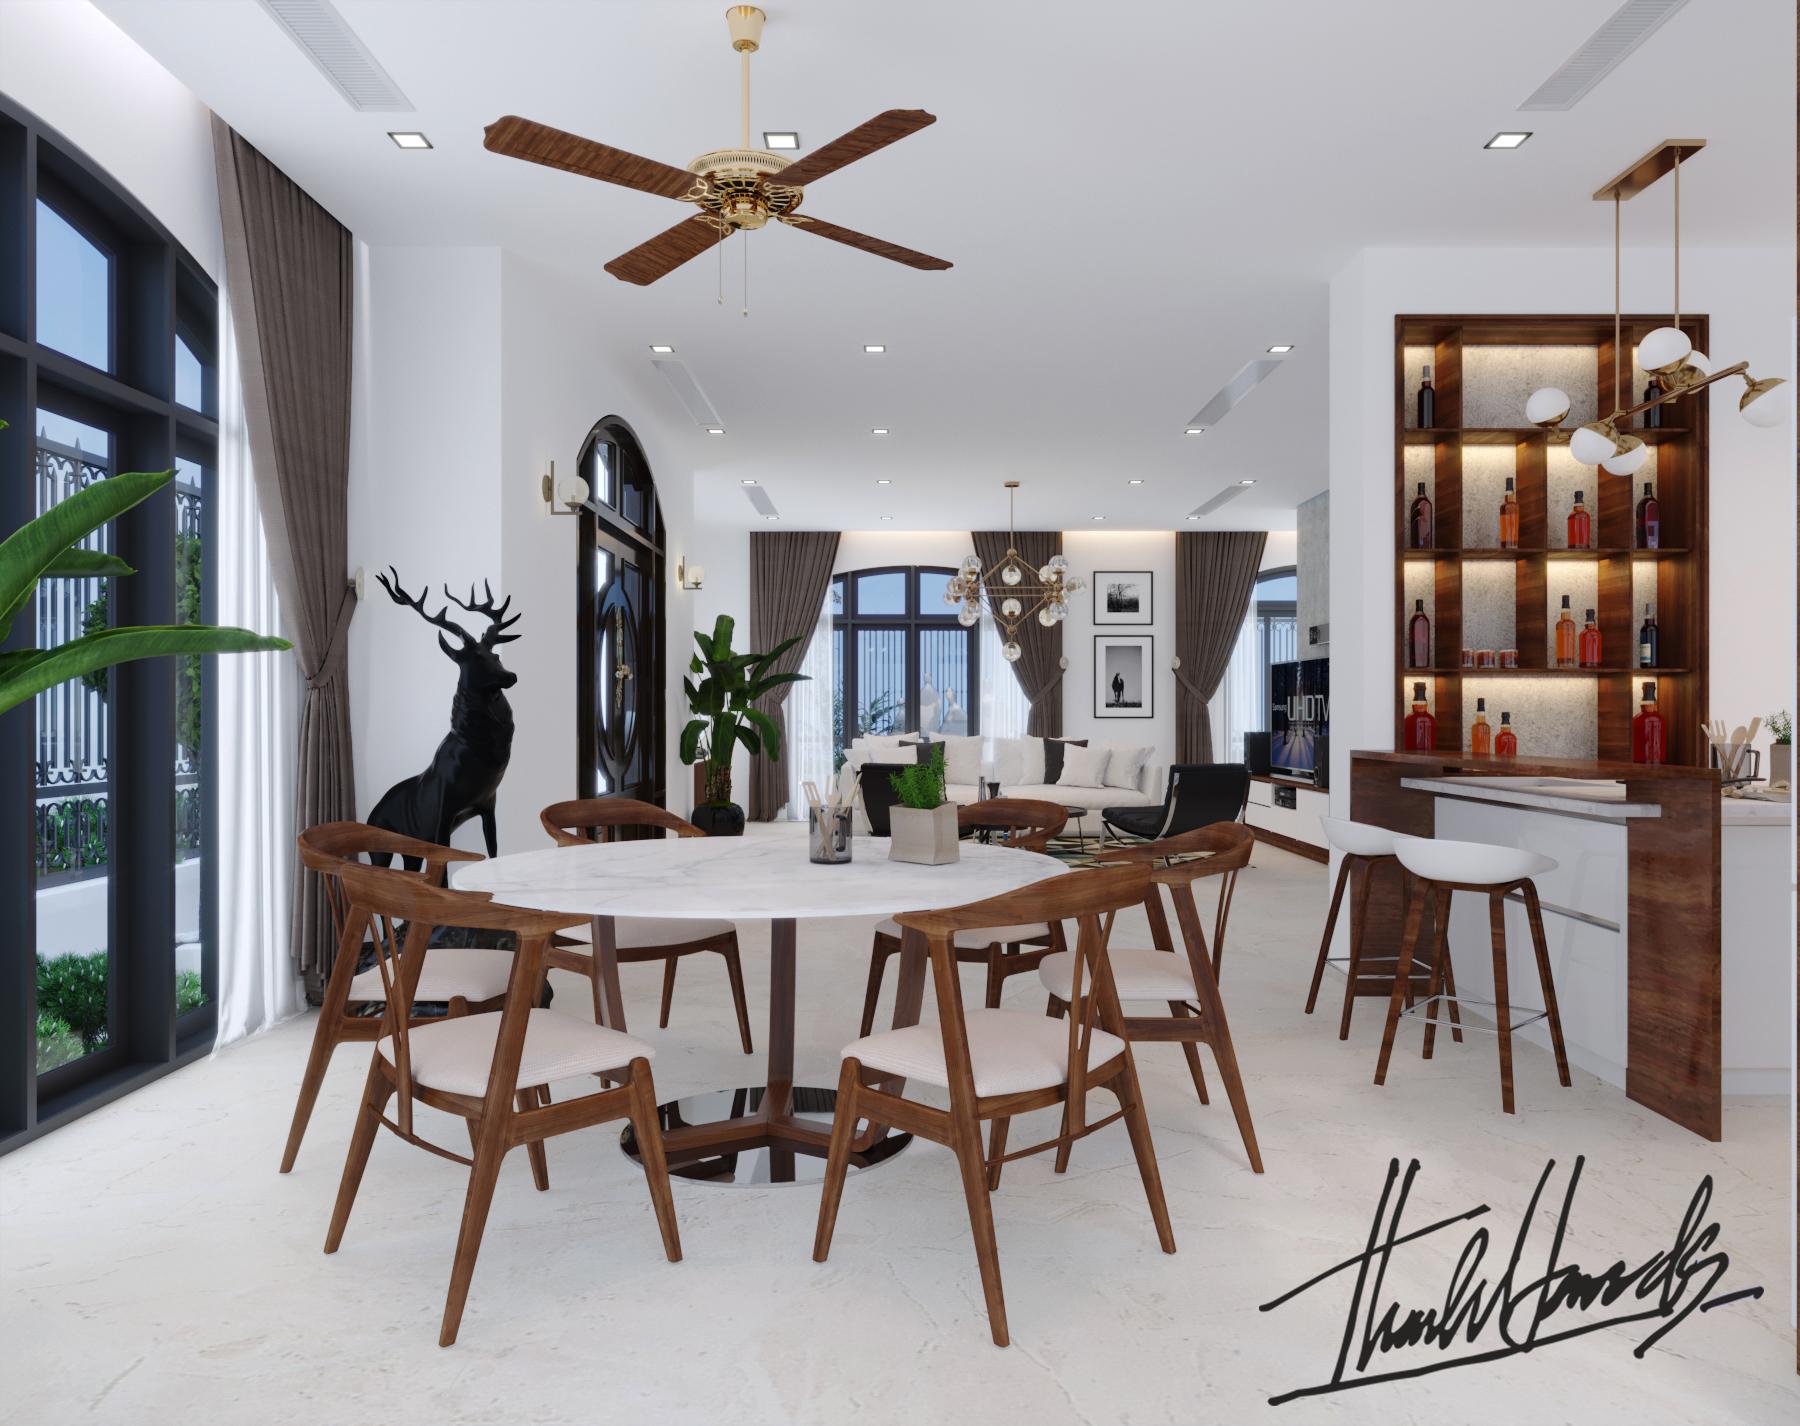 thiết kế nội thất Biệt Thự tại Hải Phòng Biệt thự Vinhomes - imperia ( khu VEN) 12 1568278754